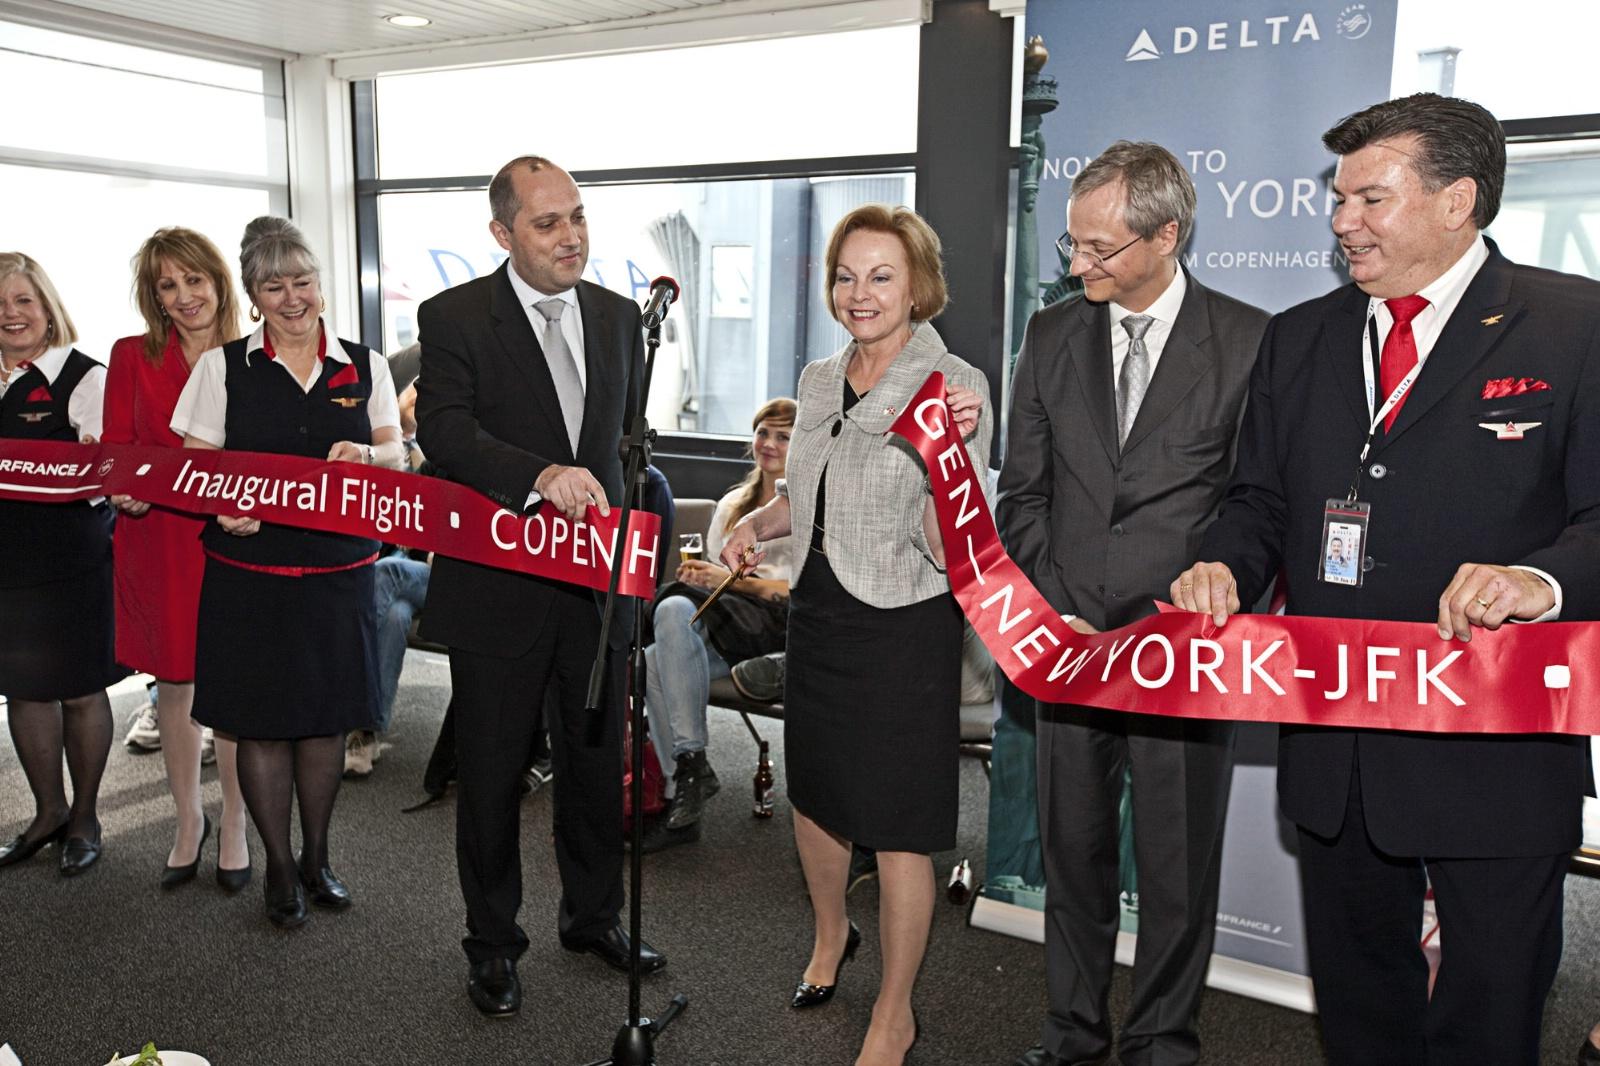 USA's daværende ambassadør til Danmark, Laurie S. Fulton, indviede Delta-ruten til New York-JFK den 28. maj 2010. (Arkivfoto: CPH)